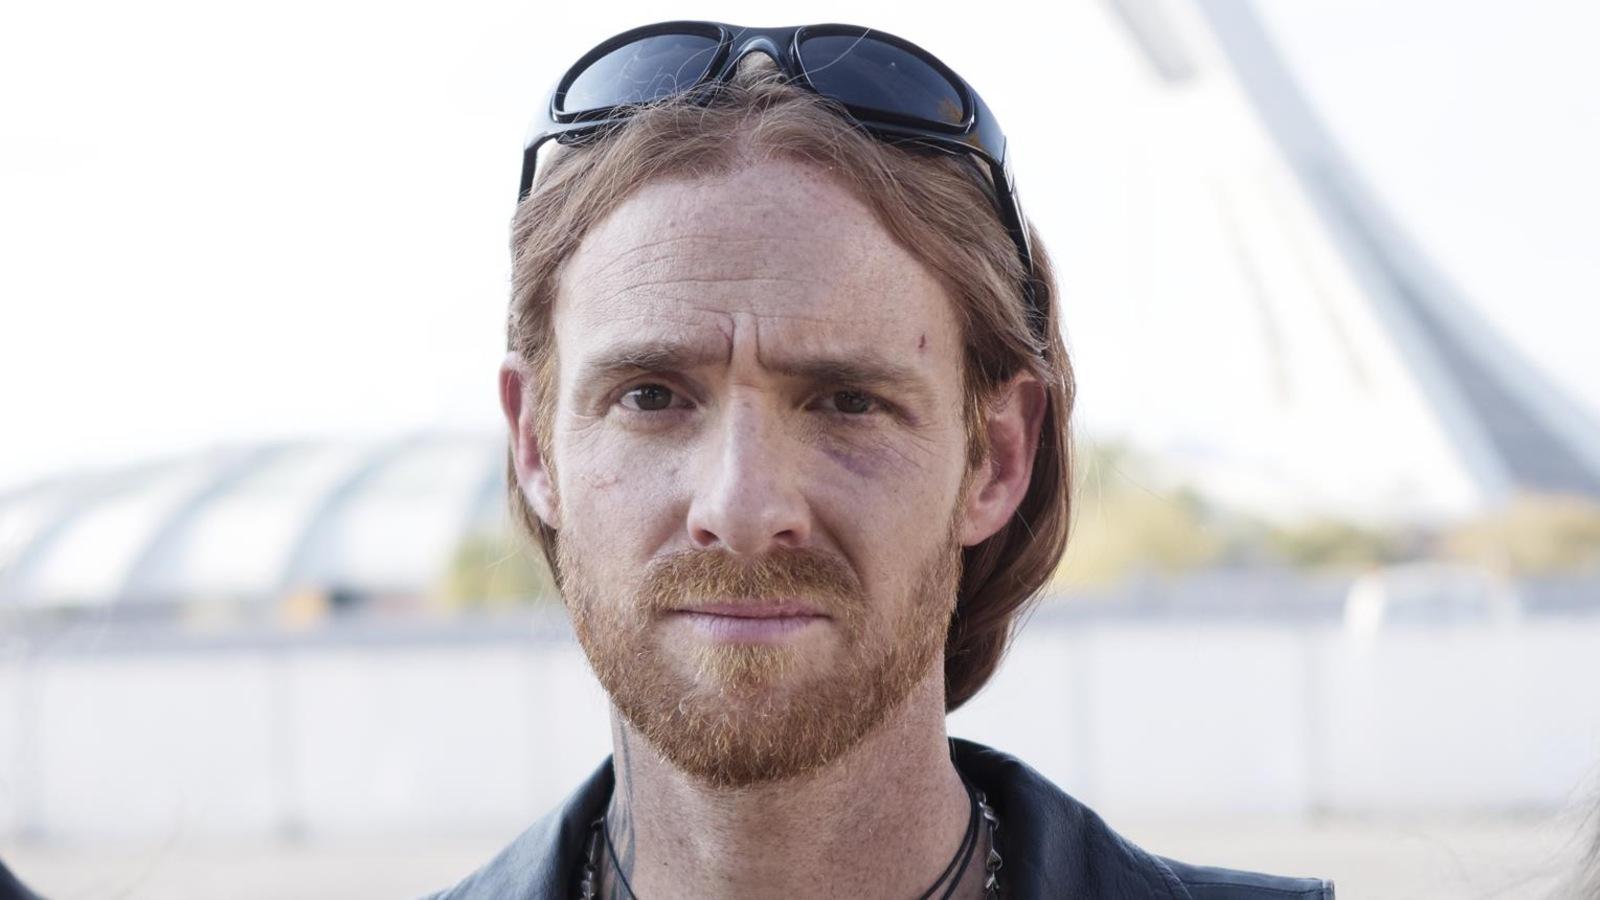 Vincent Leclerc